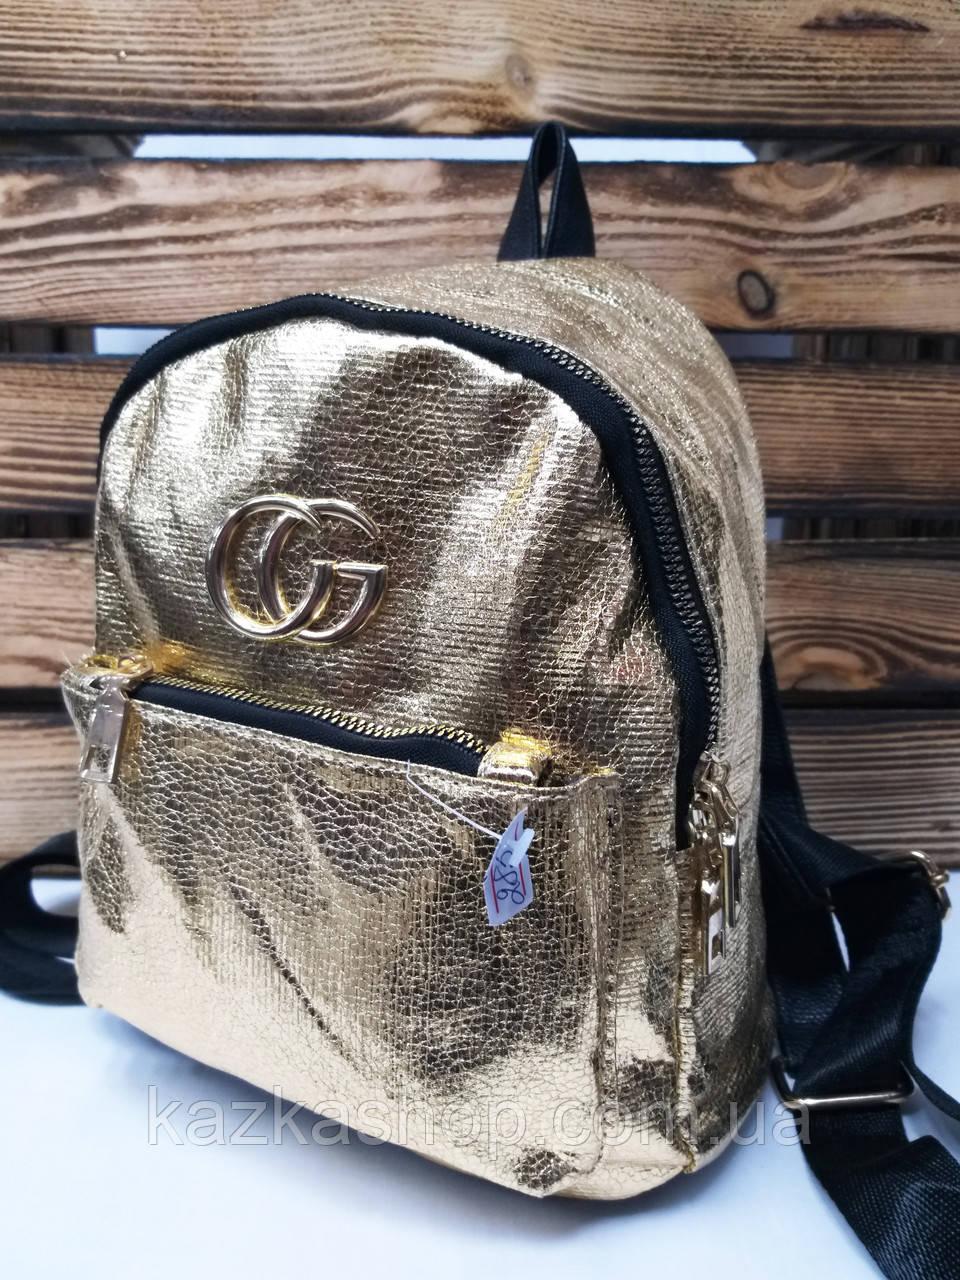 Маленький женский рюкзак золотистого металлизированного цвета из кожзама и дополнительным отделом спереди